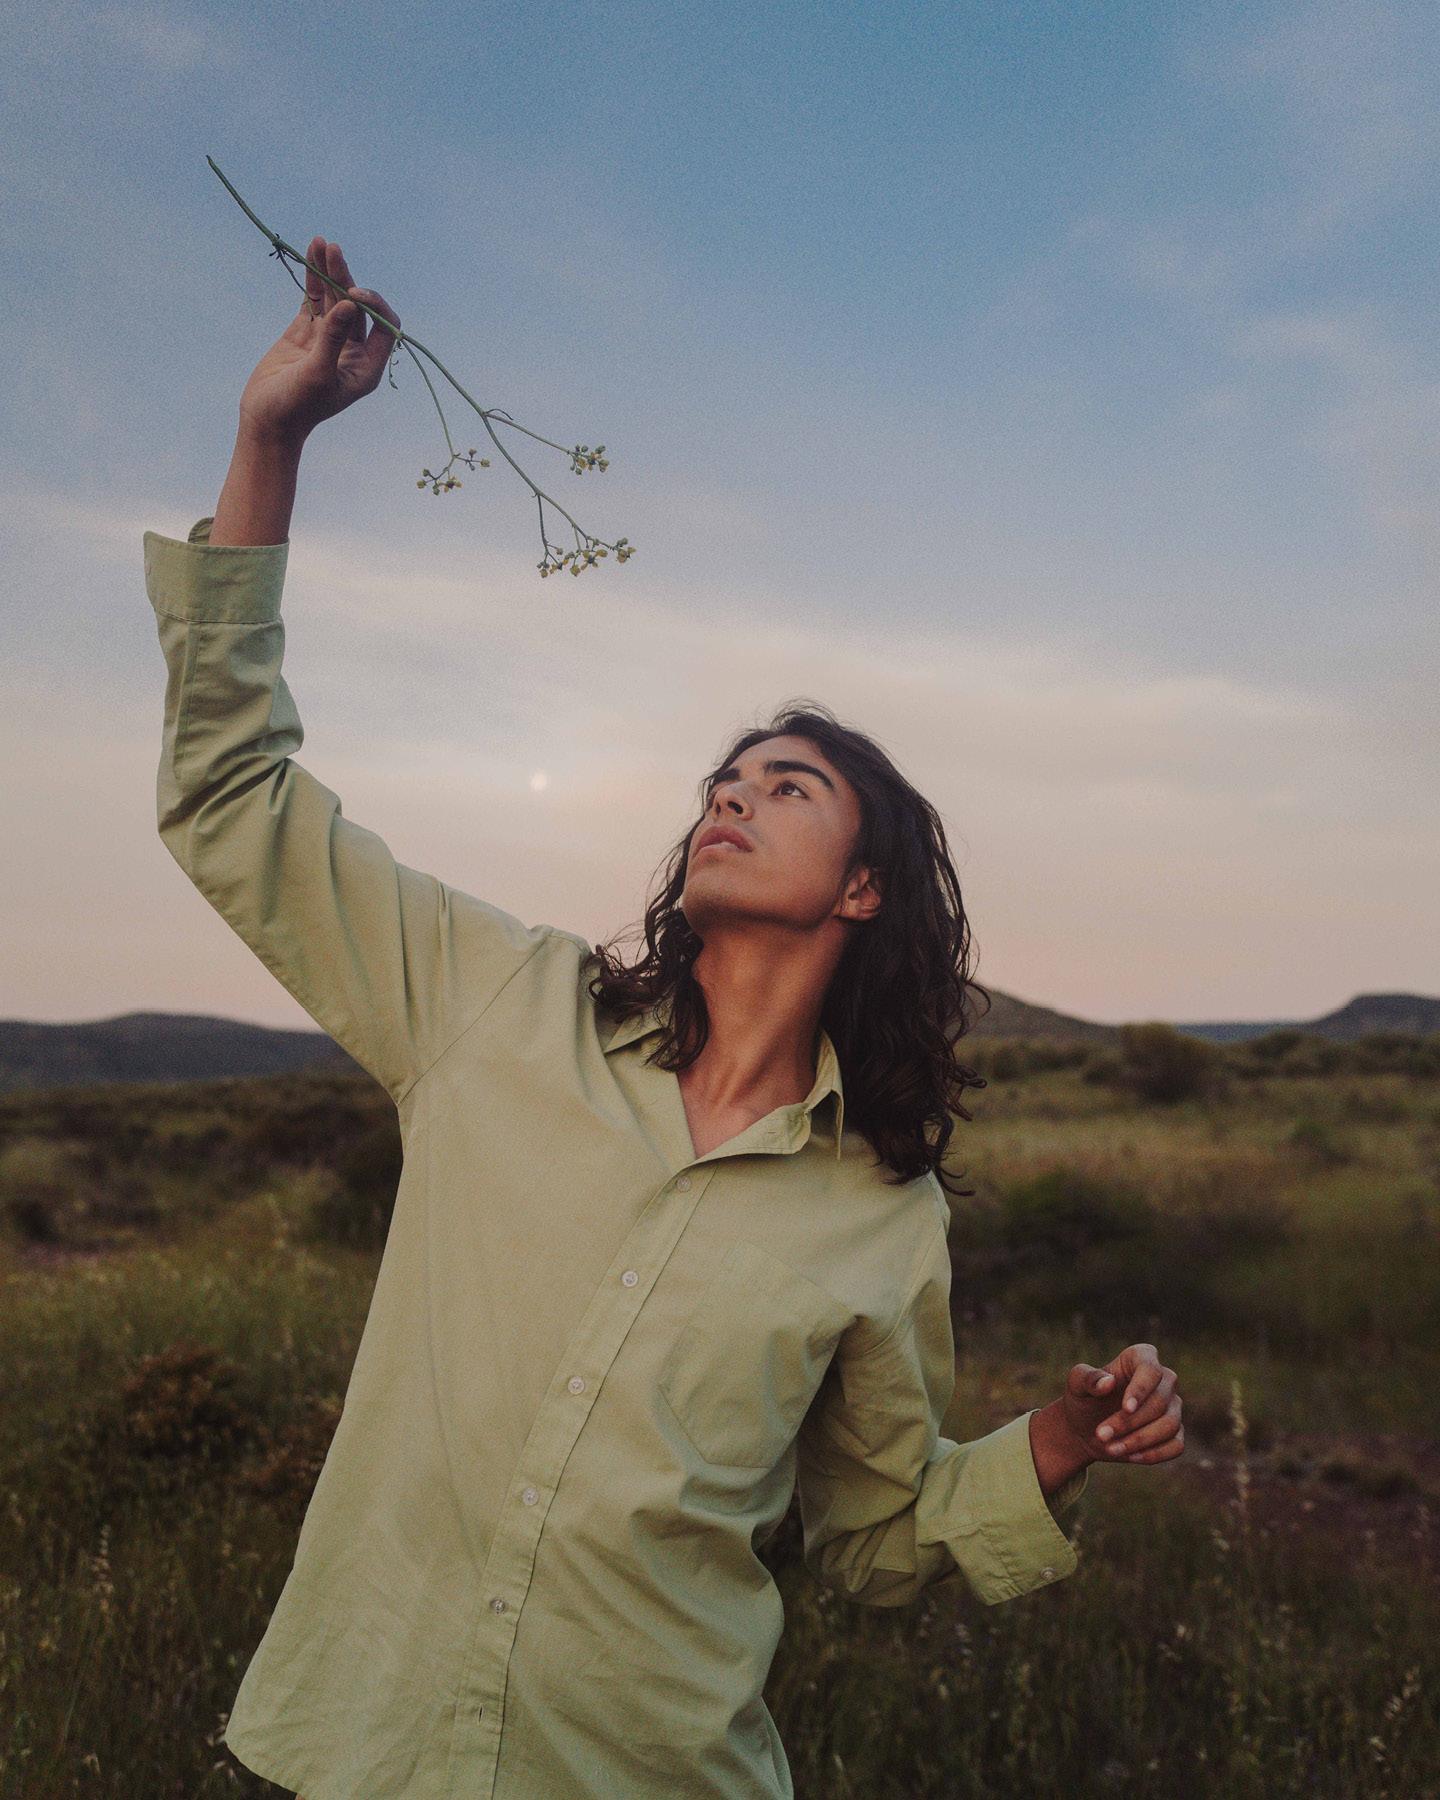 Umai la creme bouclee photographies video direction artistique maison papakunu